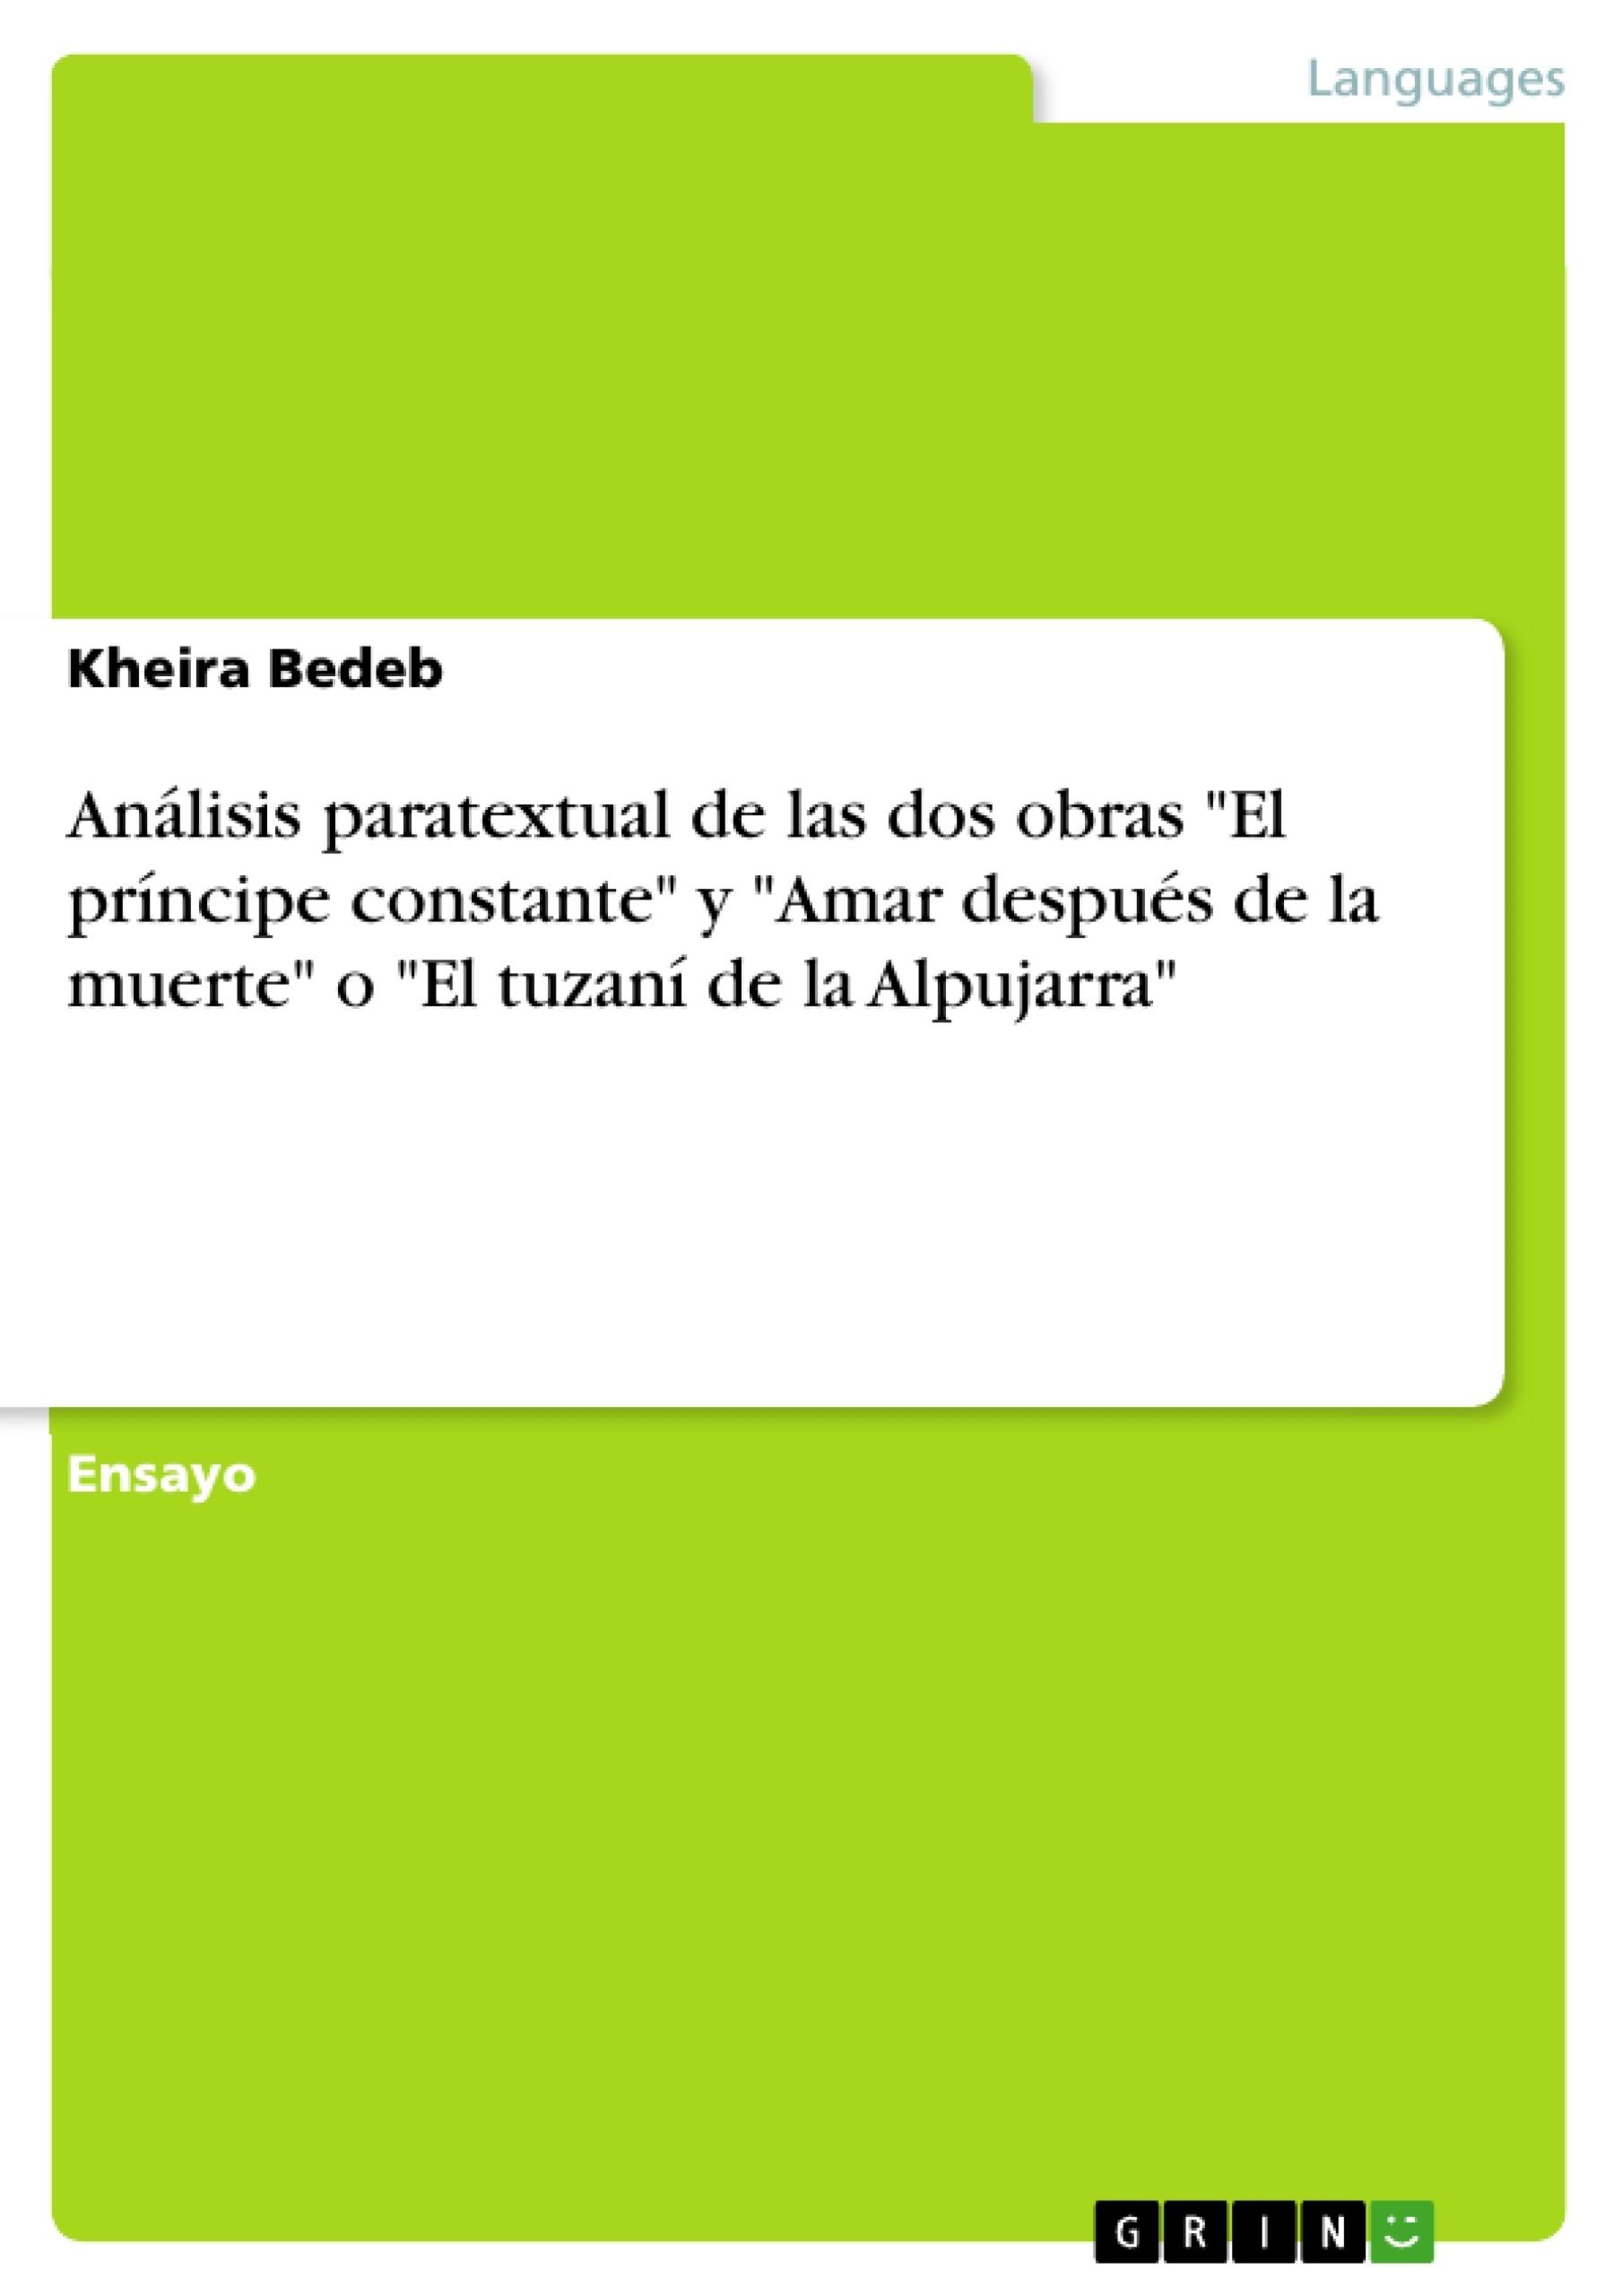 """Título: Análisis paratextual de las dos obras """"El príncipe constante"""" y """"Amar después de la muerte"""" o """"El tuzaní de la Alpujarra"""""""